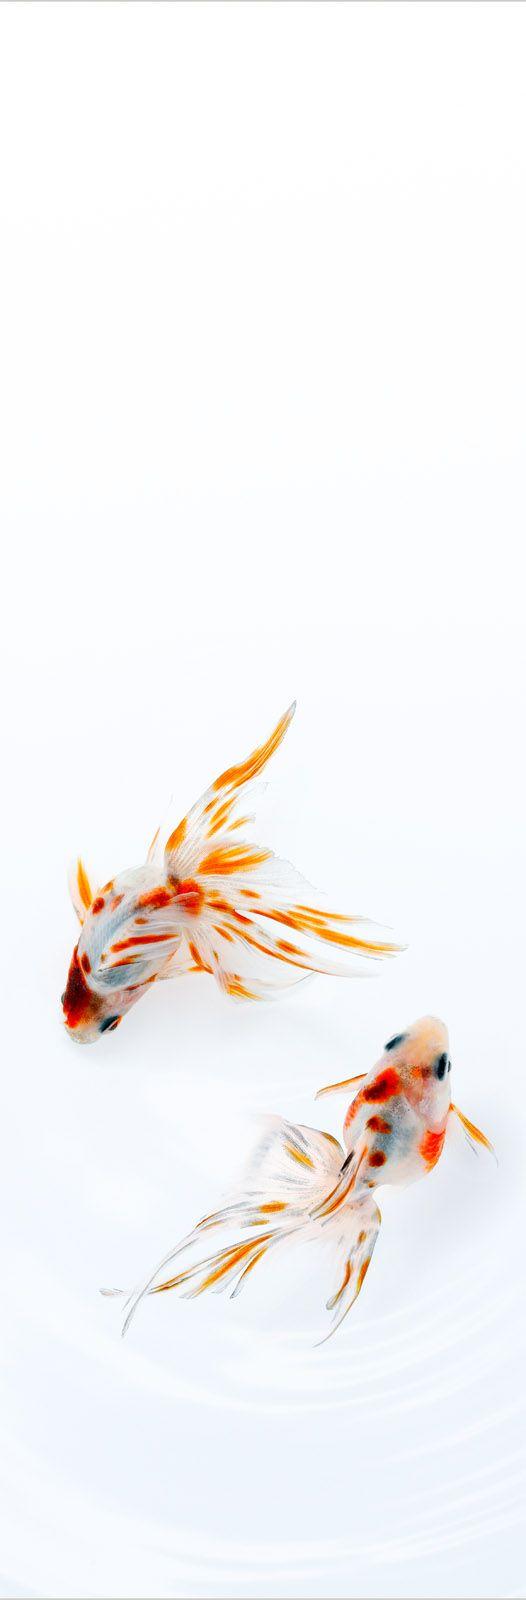 Small Calico by Osamu Yamazaki, Japan